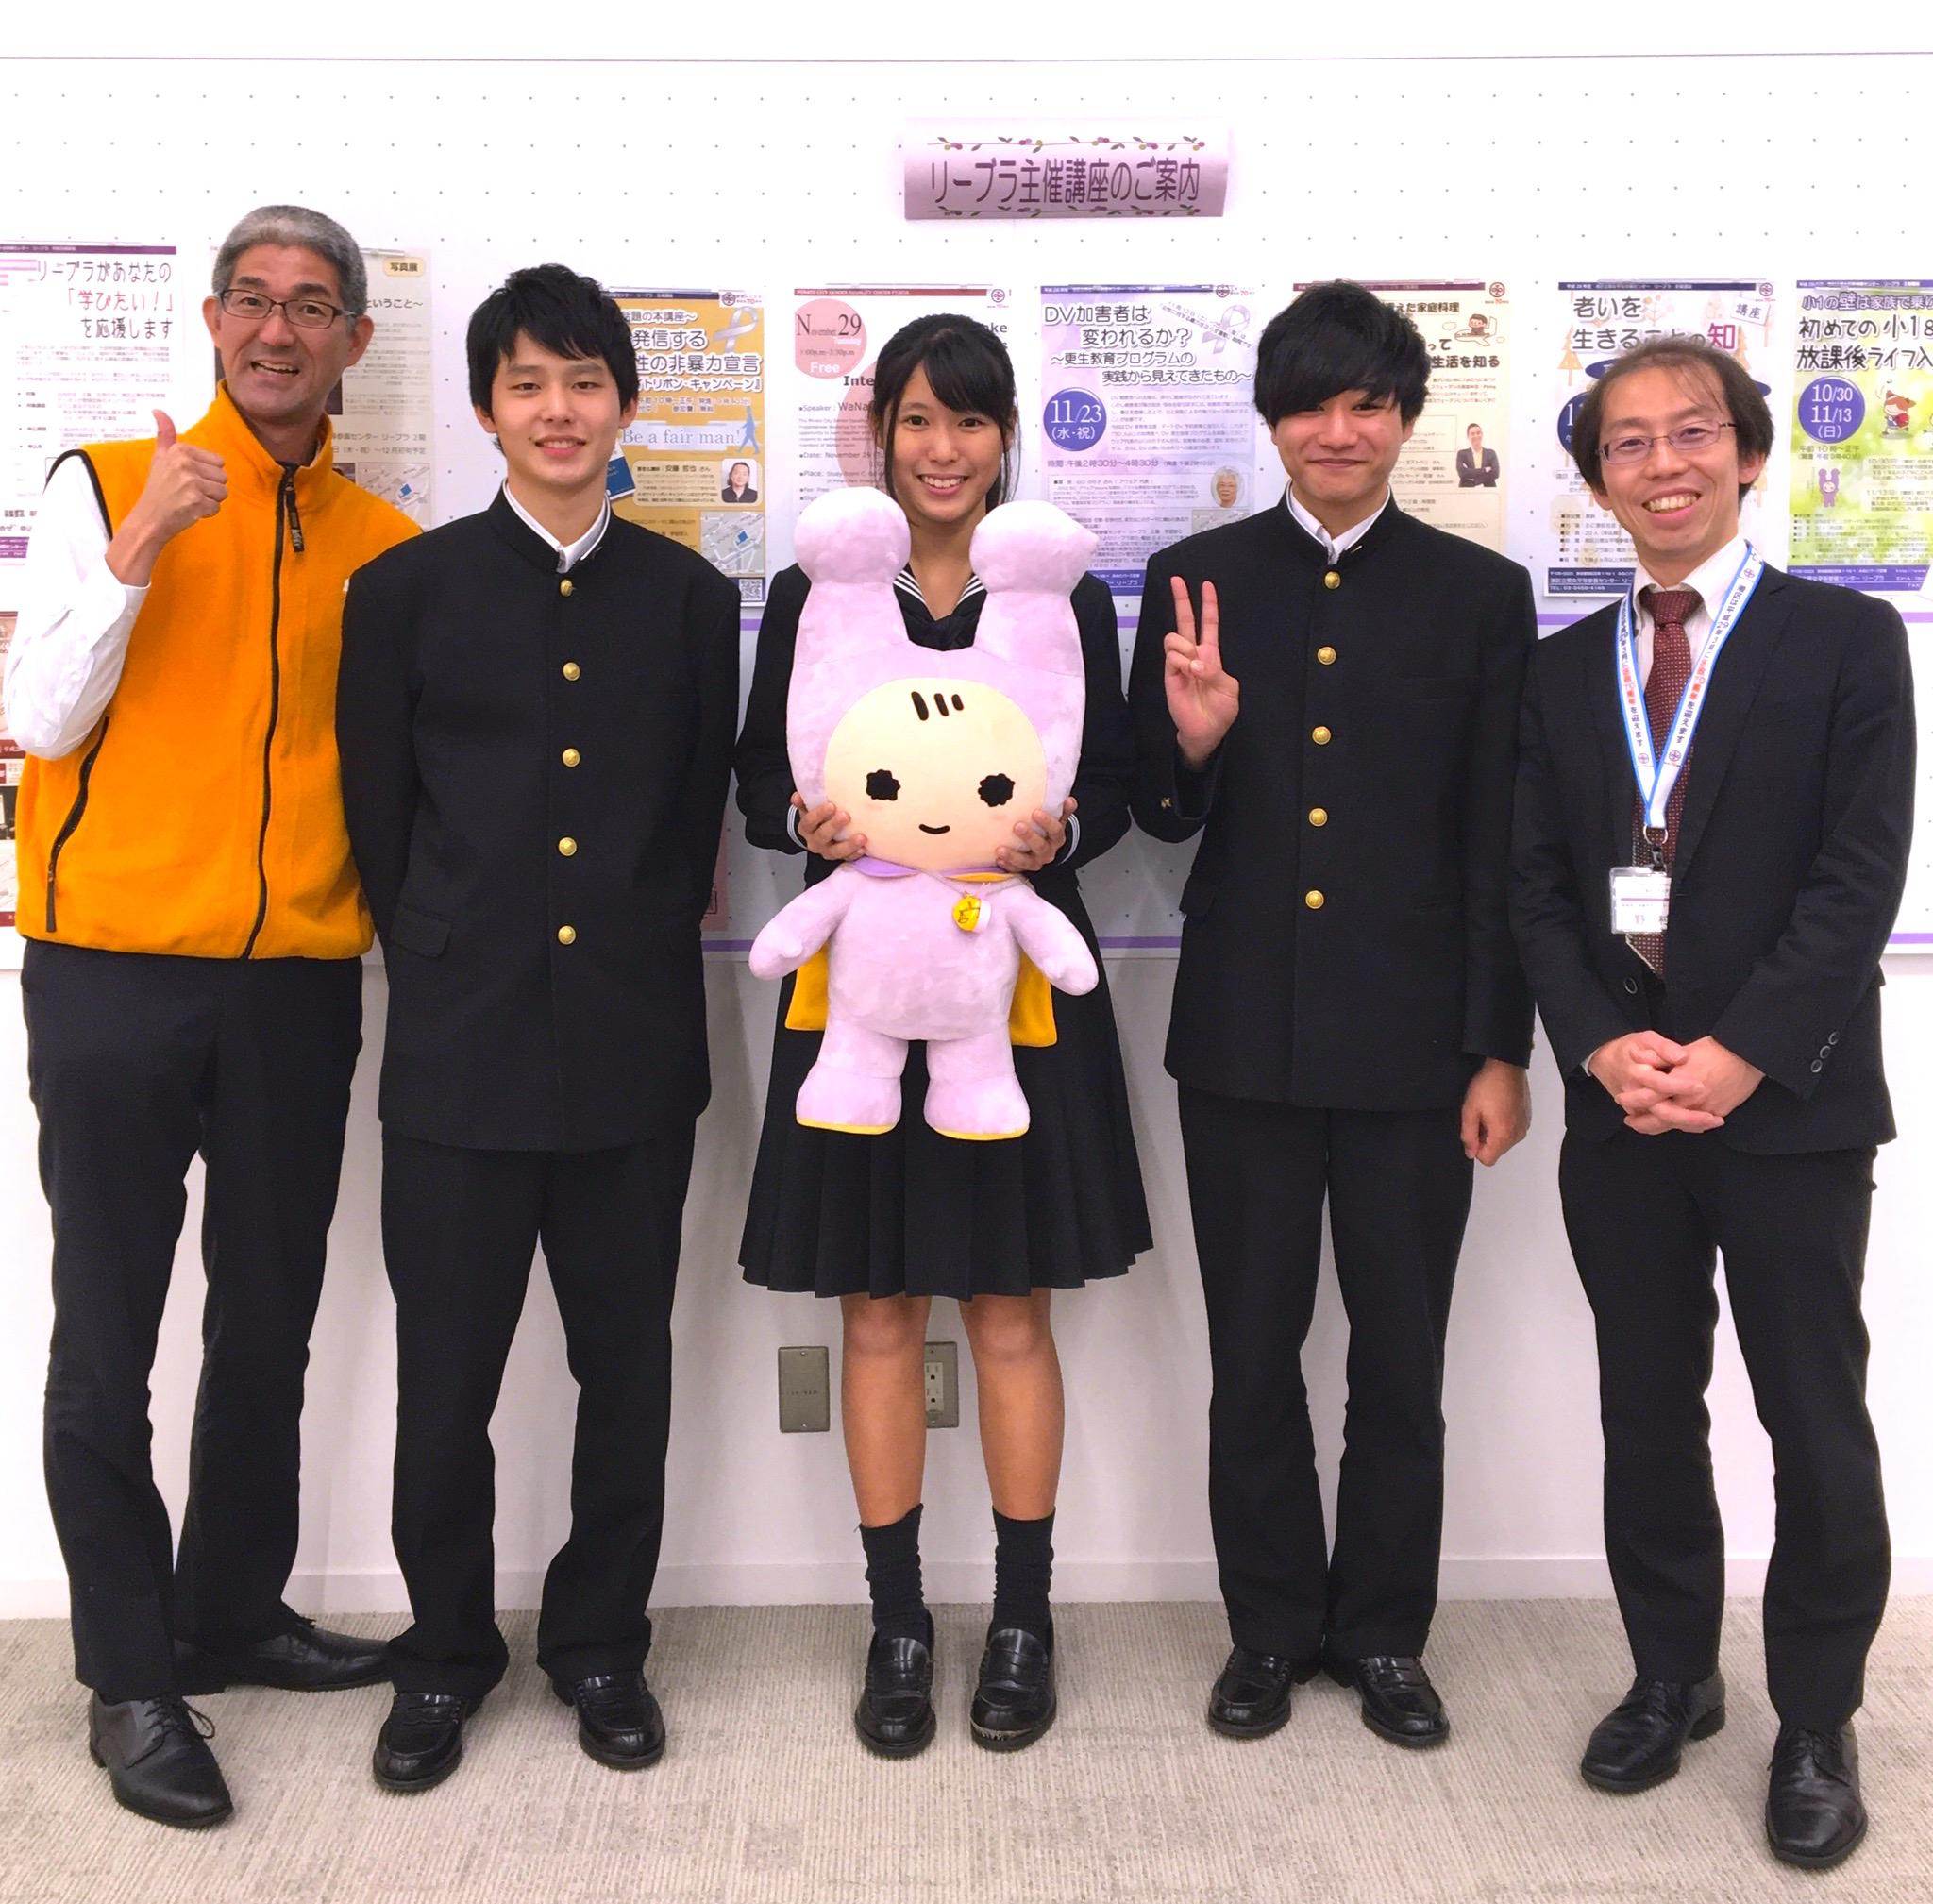 江東商業高校の生徒さん3名から取材を受けました